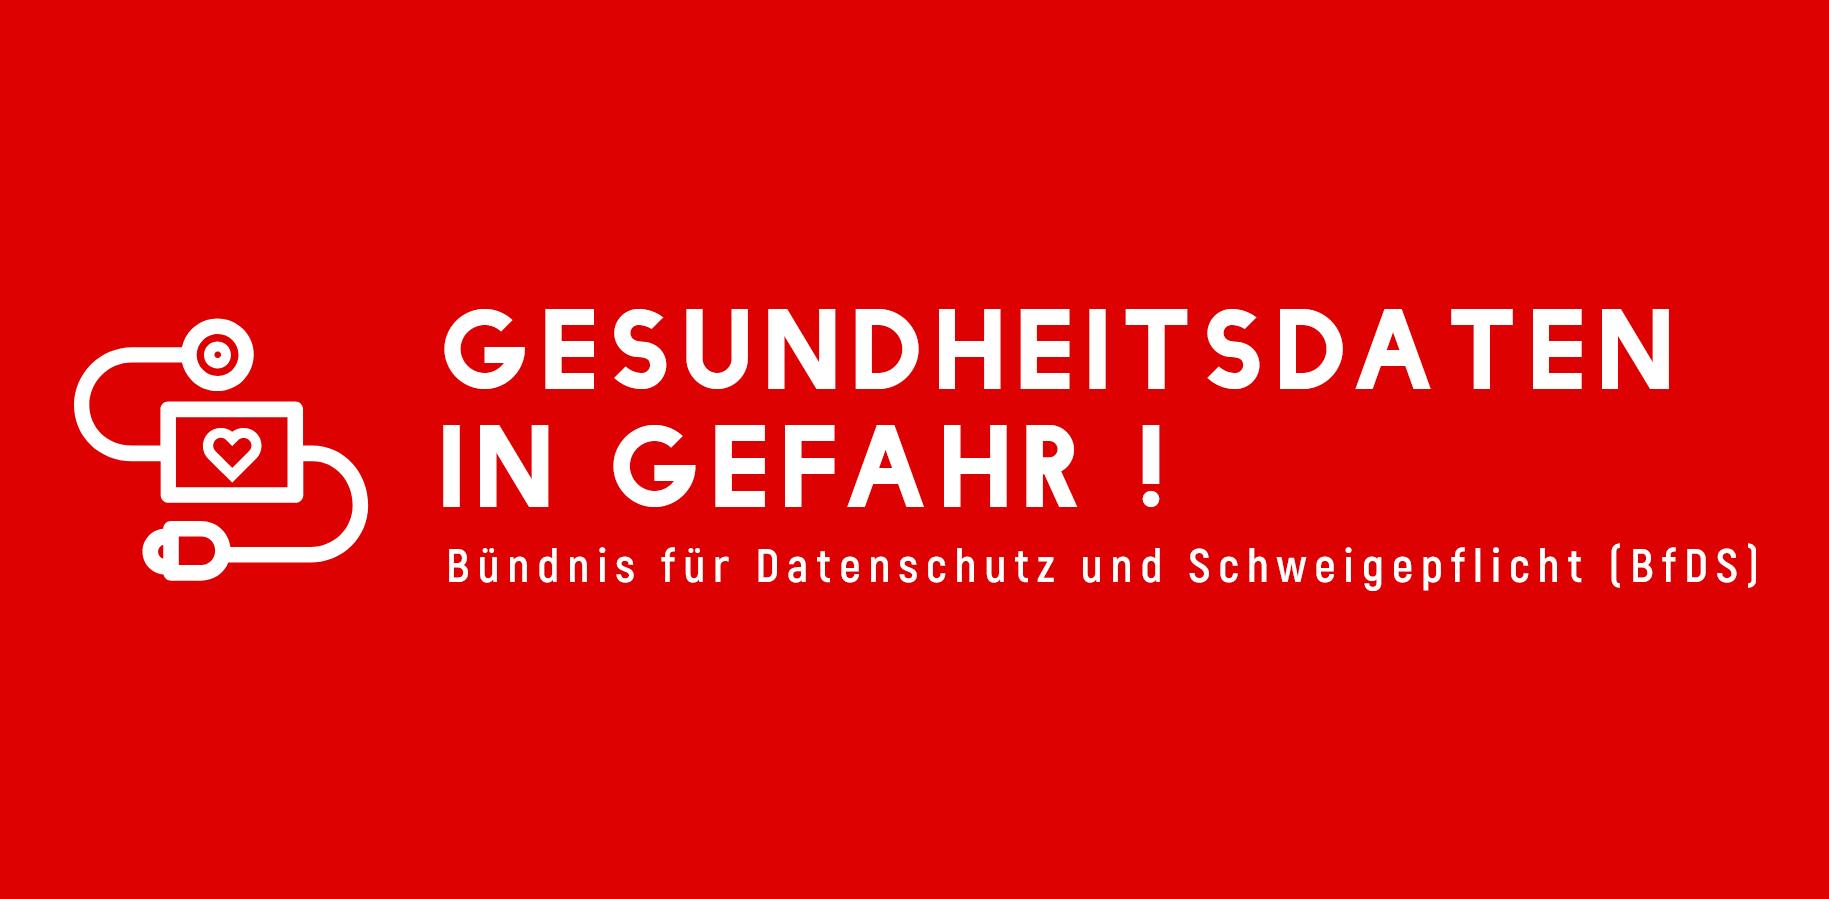 Logo des Bündnis für Datenschutz und Schweigepflicht